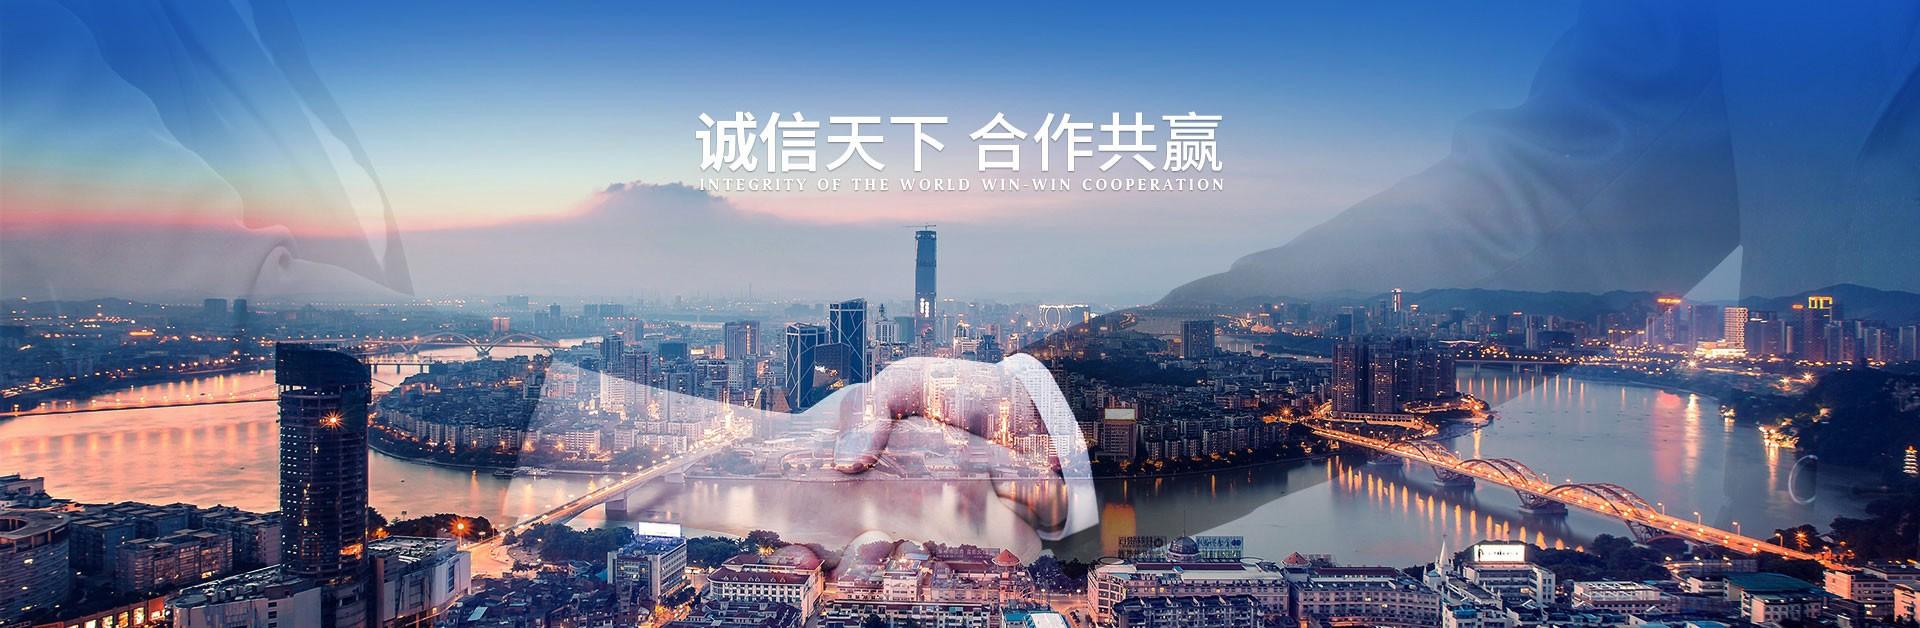 深圳三菱机器人维修